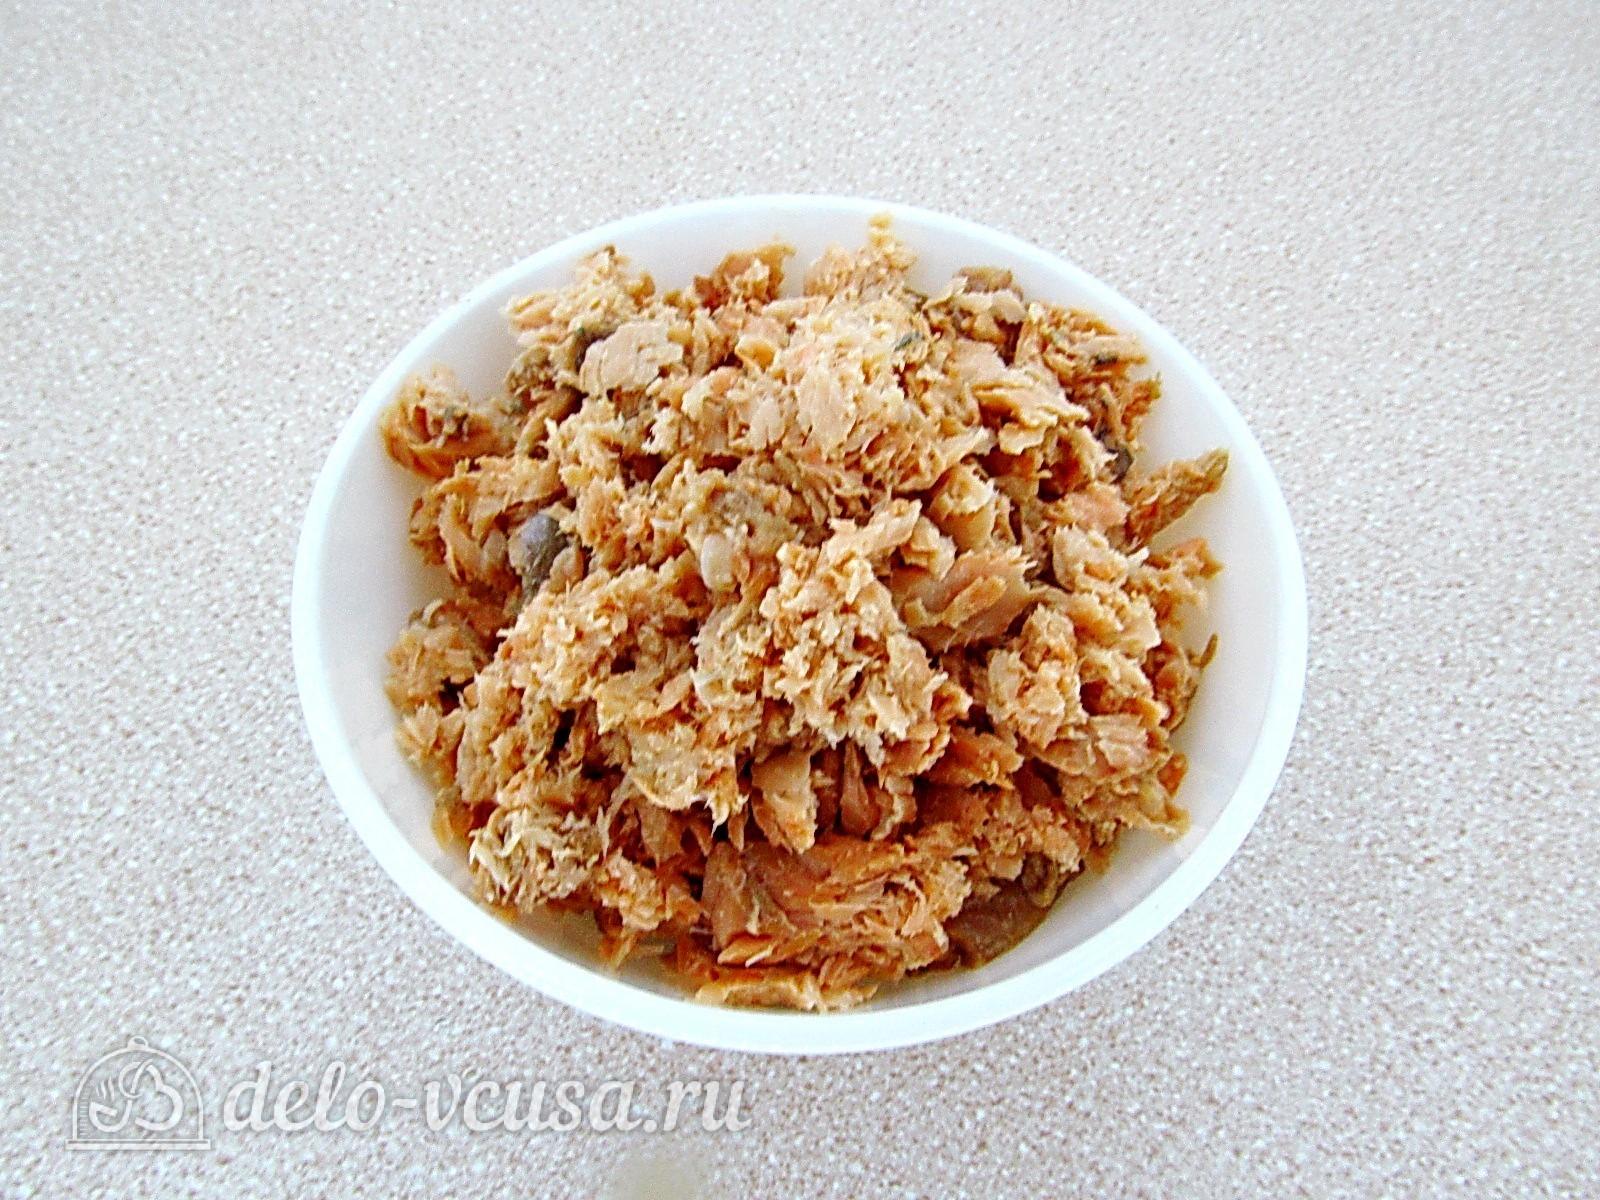 Закуска на крекерах из рыбных консервов: Размять консервы